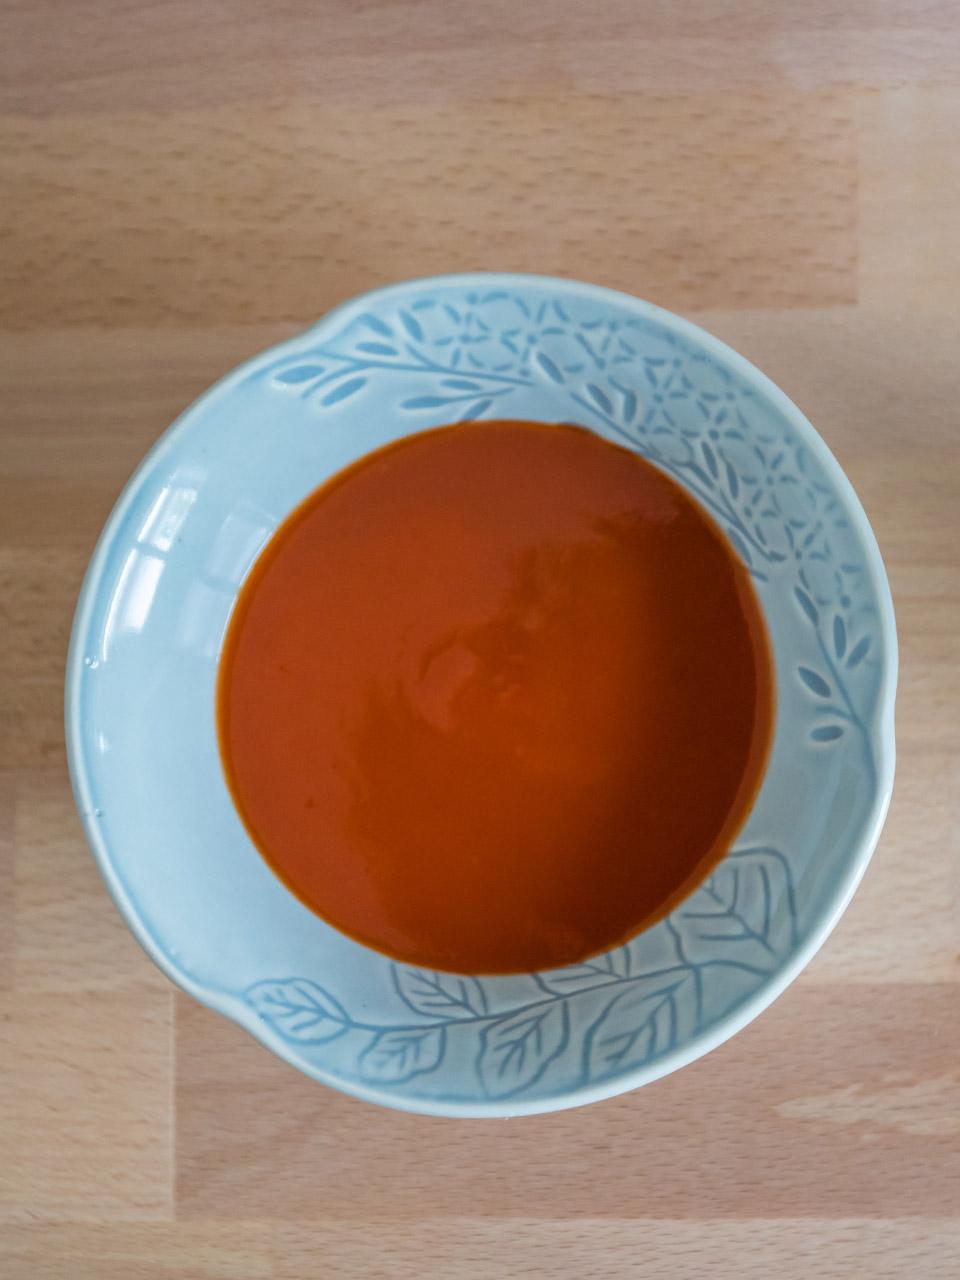 เนื้อน้ำจิ้มของซอสพริกศรีราชาพานิช